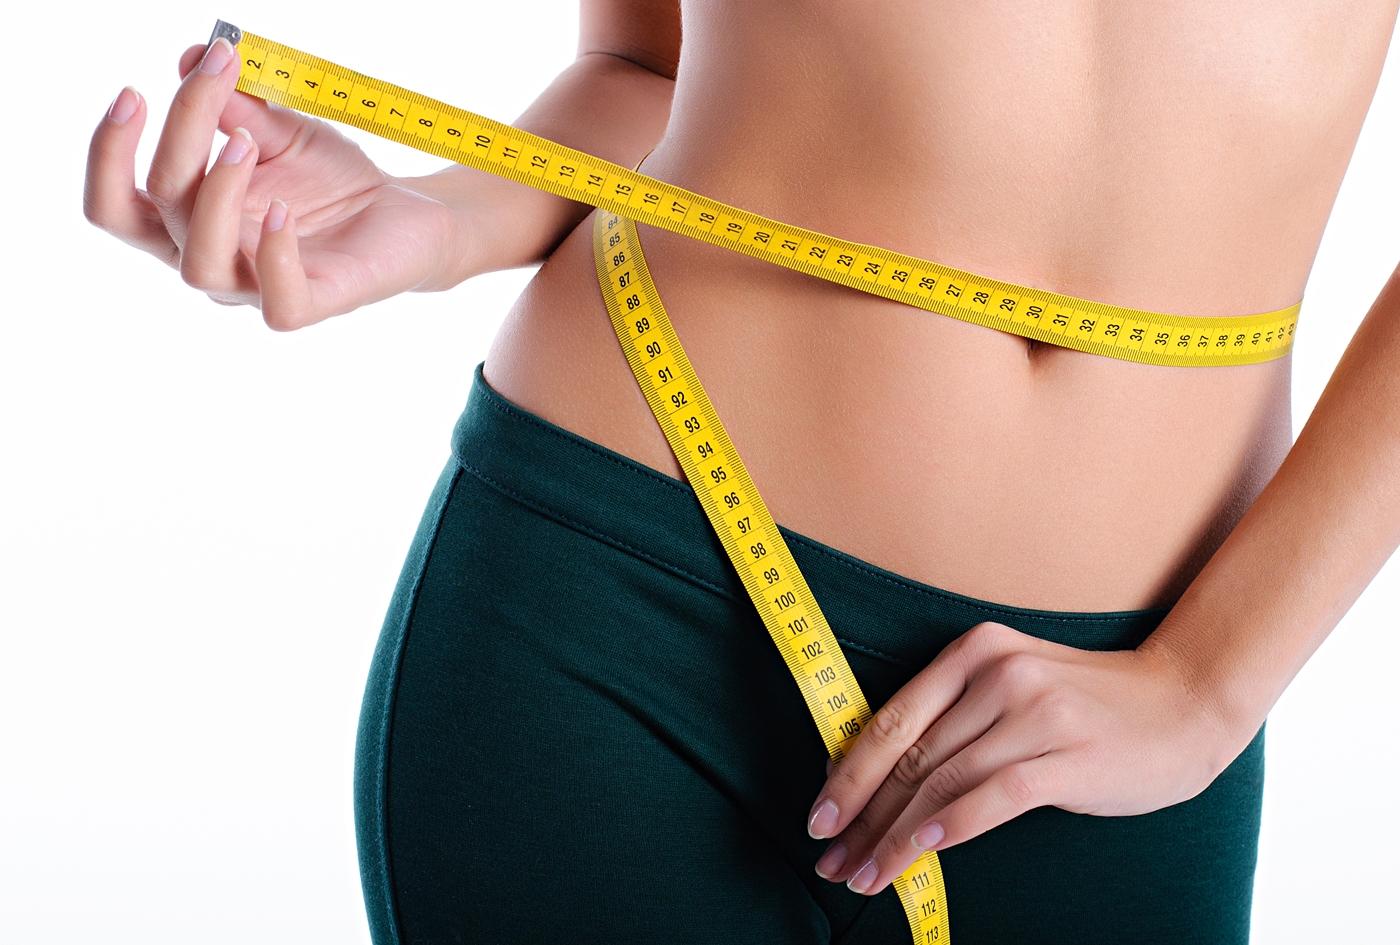 スパッツ姿でウエストサイズを測る女性